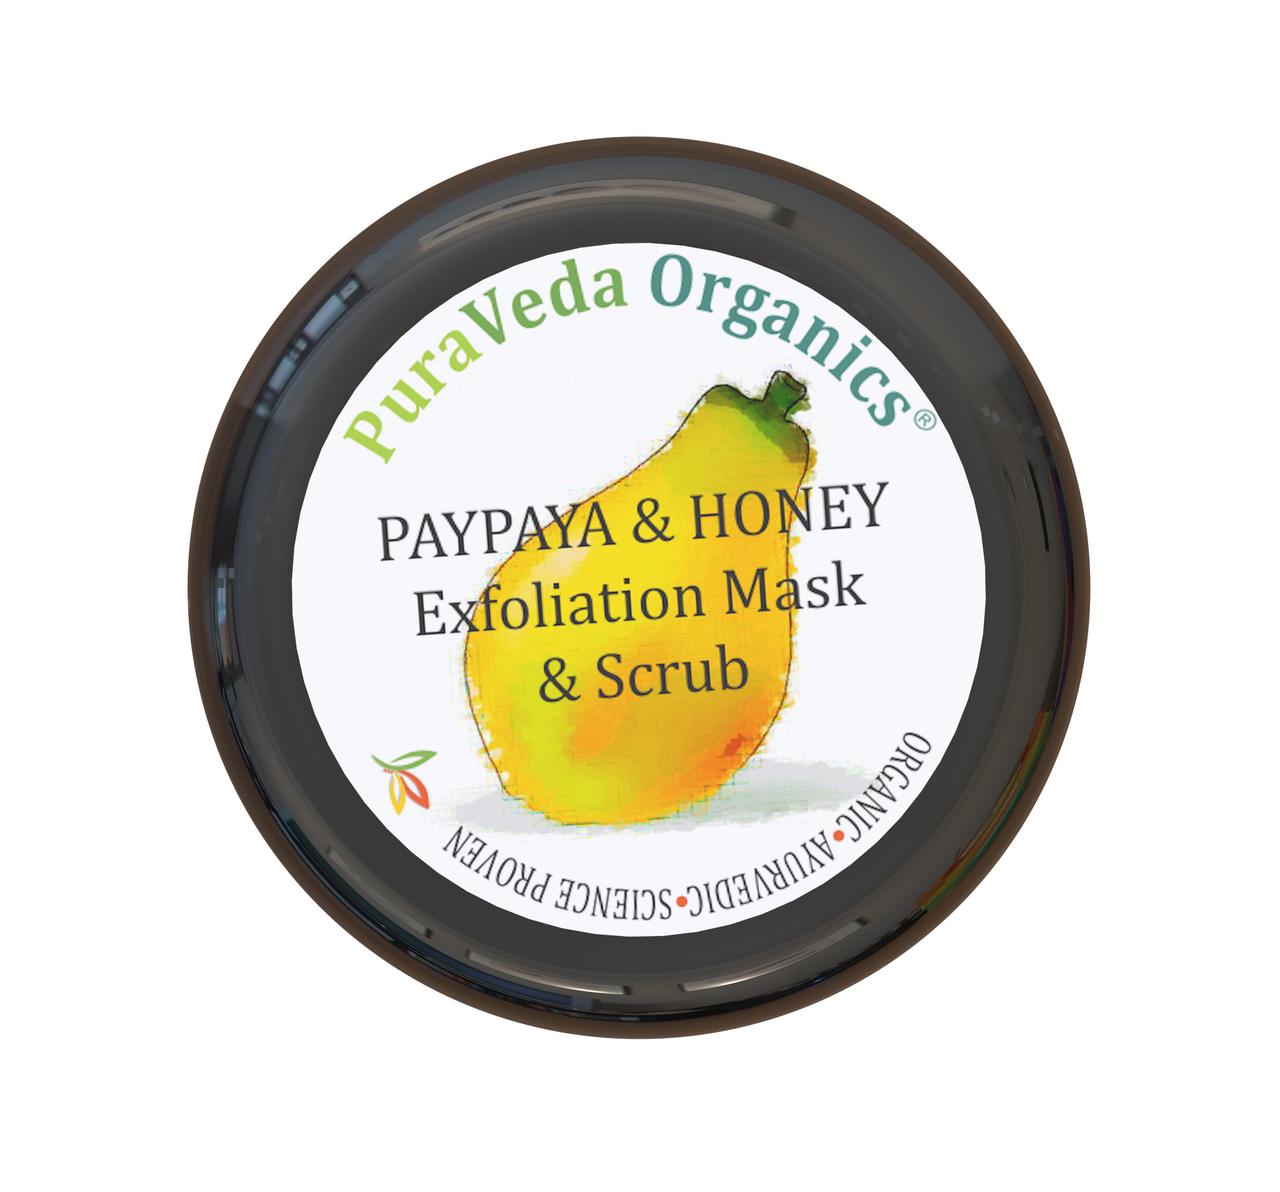 Papaya & Honey Exfoliation Mask & Scrub